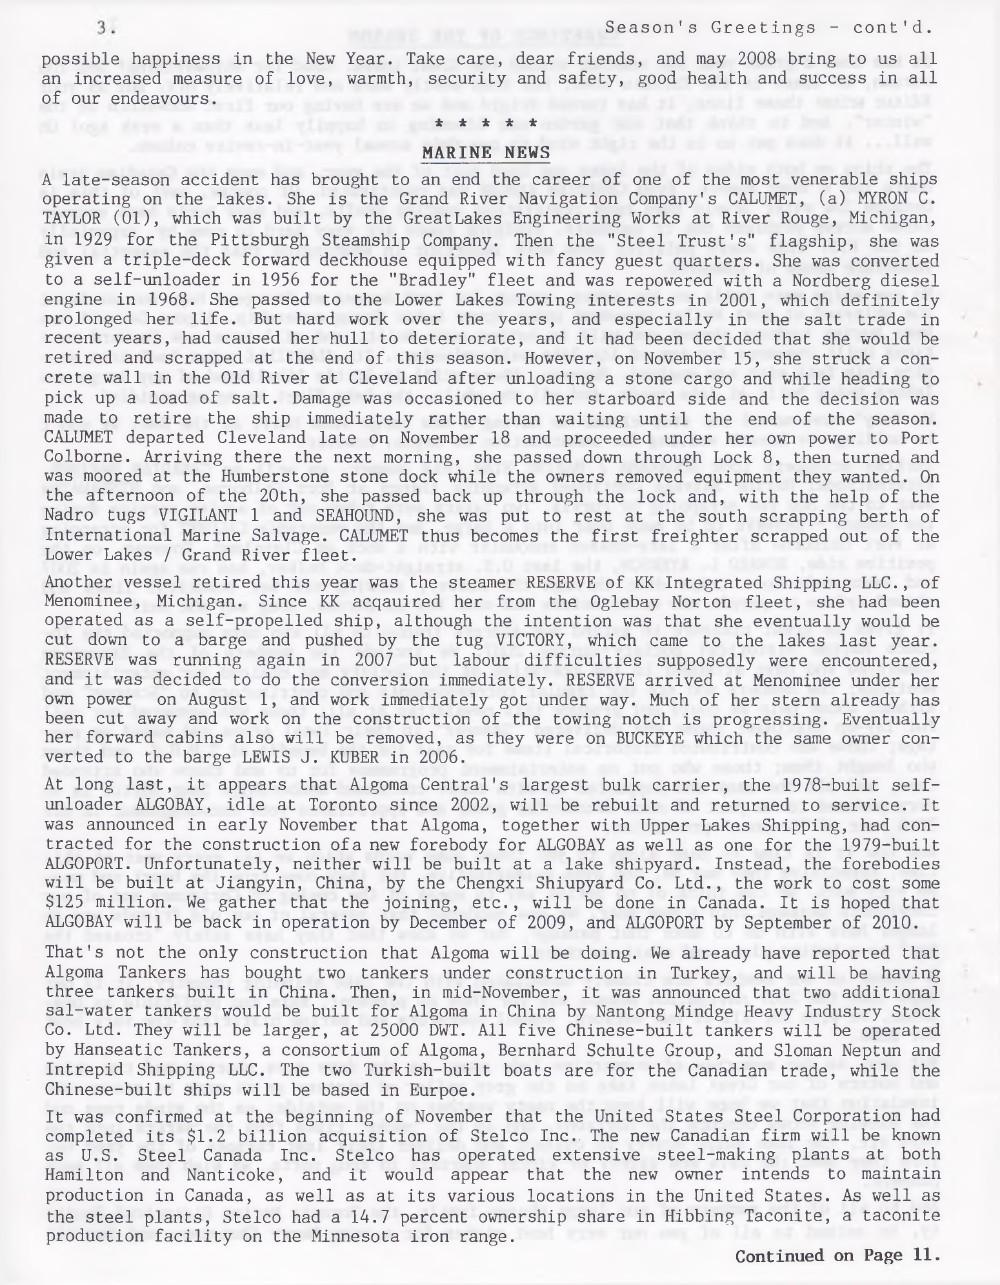 Scanner, v. 40, no. 2 (December 2007)